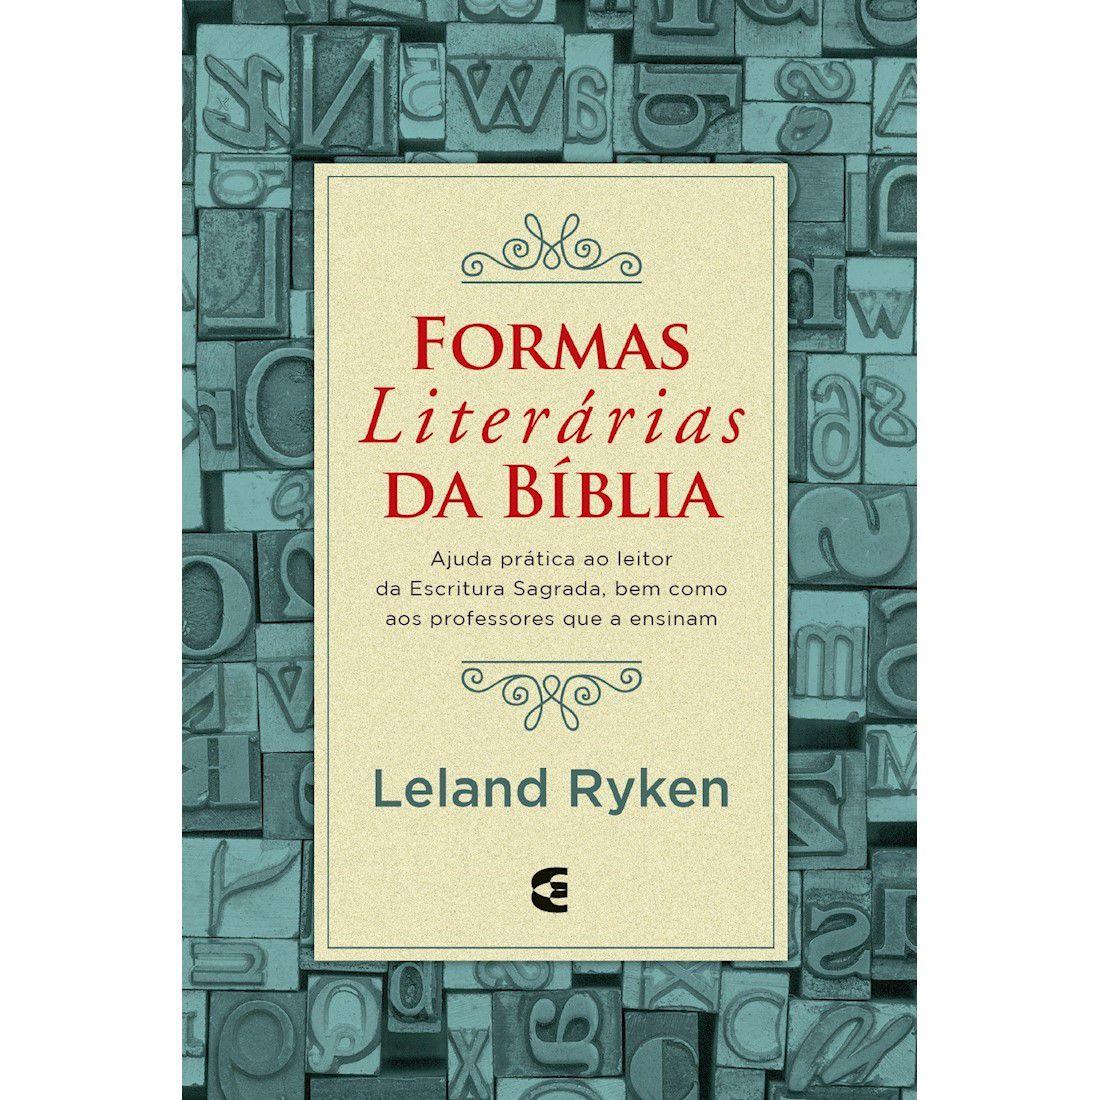 Livro Formas Literárias da Bíblia